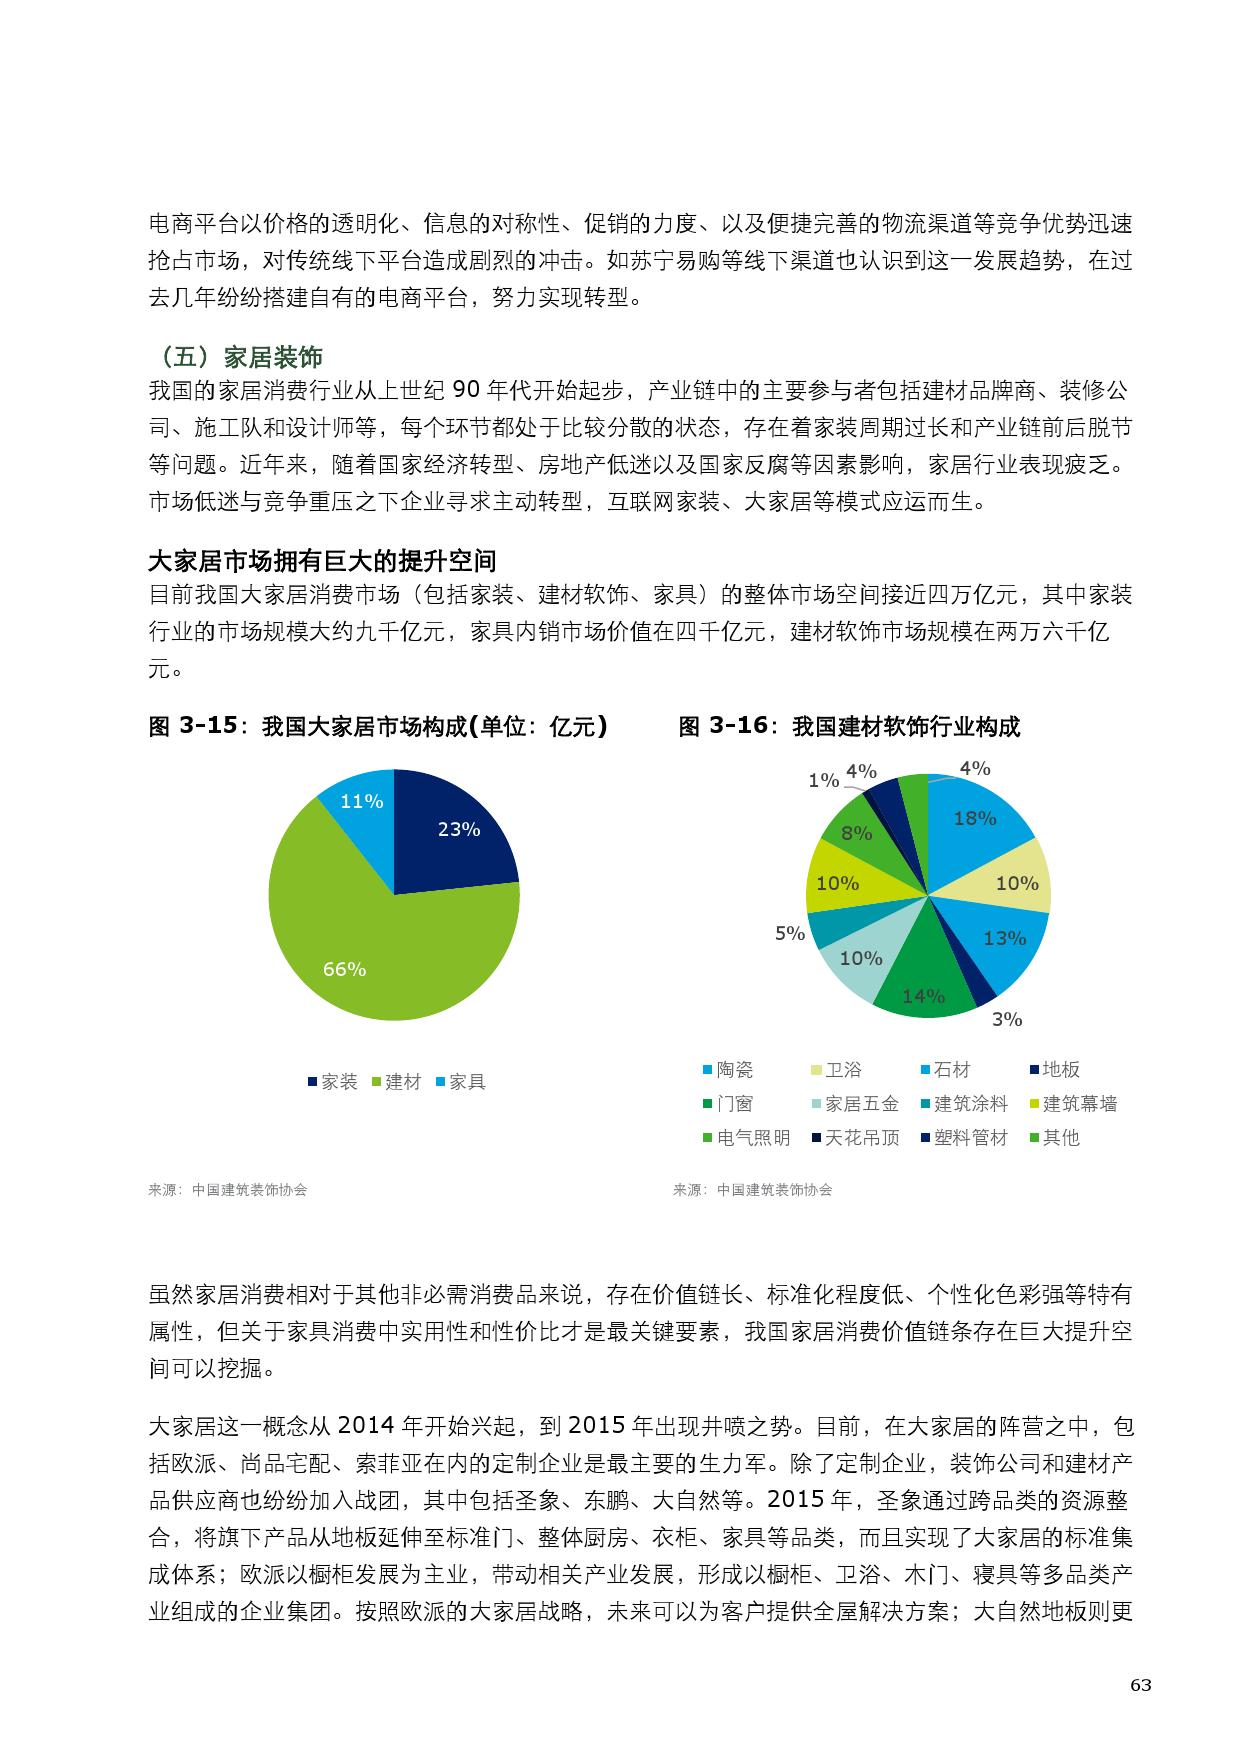 2015中国零售产业投资促进报告_000071